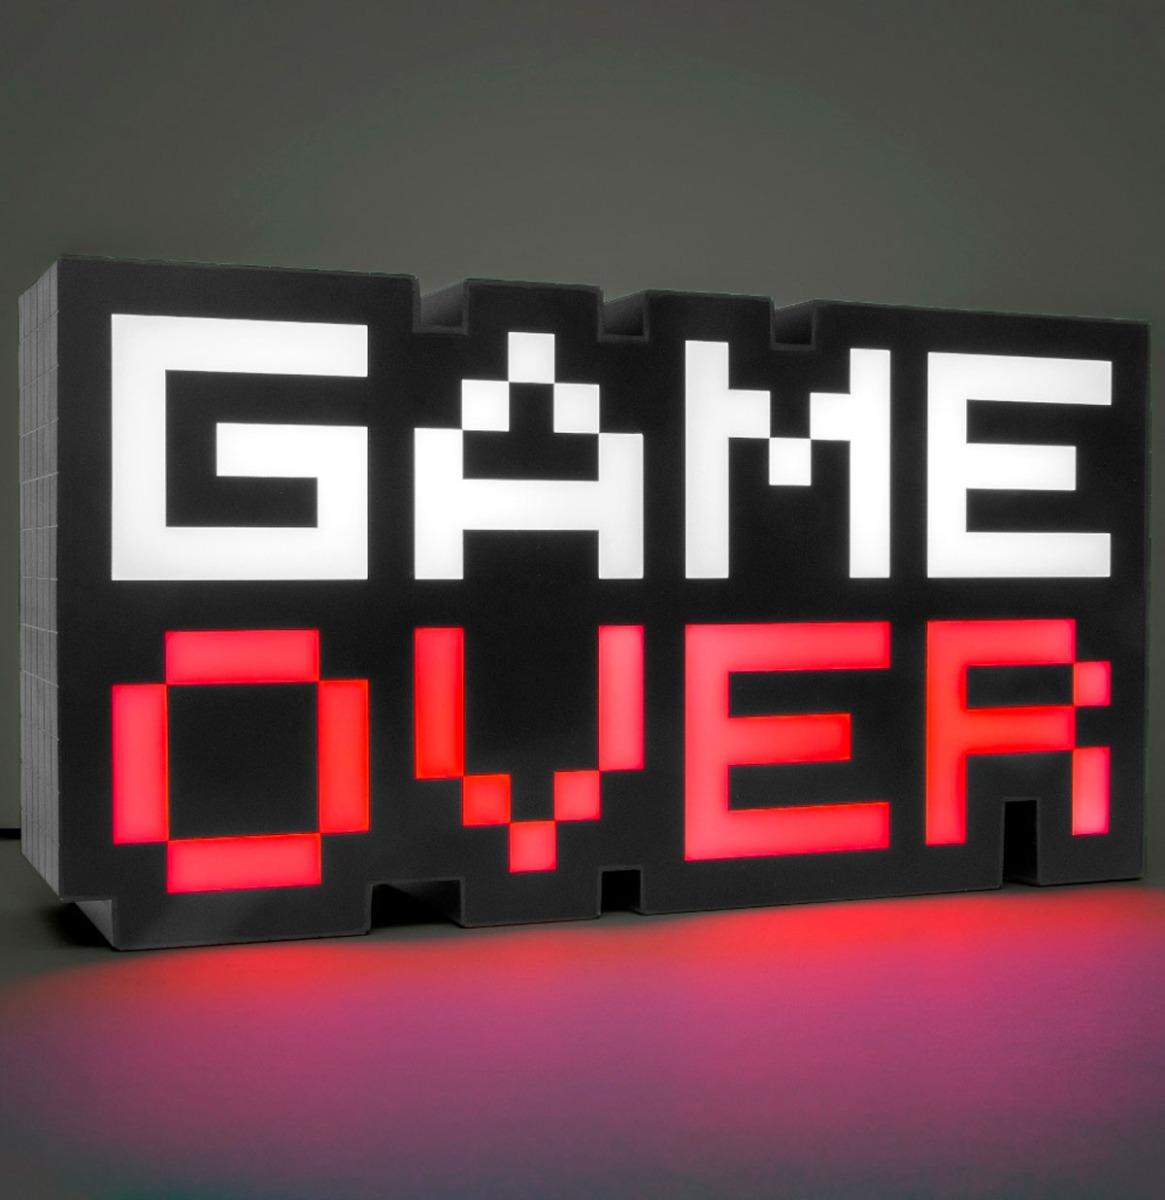 8-Bit Game Over Lamp Met Meerdere Kleuren